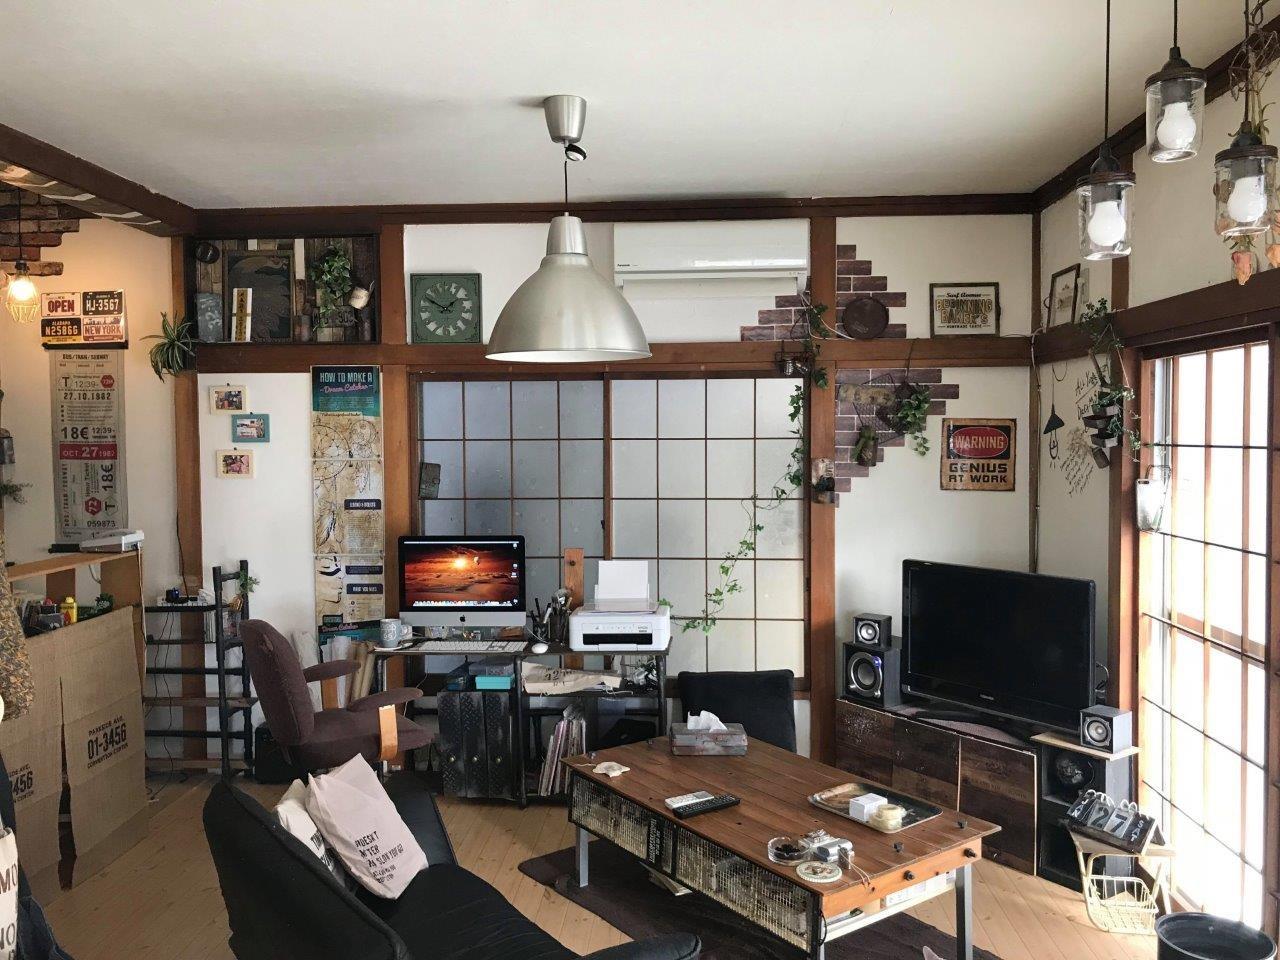 橋場氏による賃貸物件の居室DIY事例